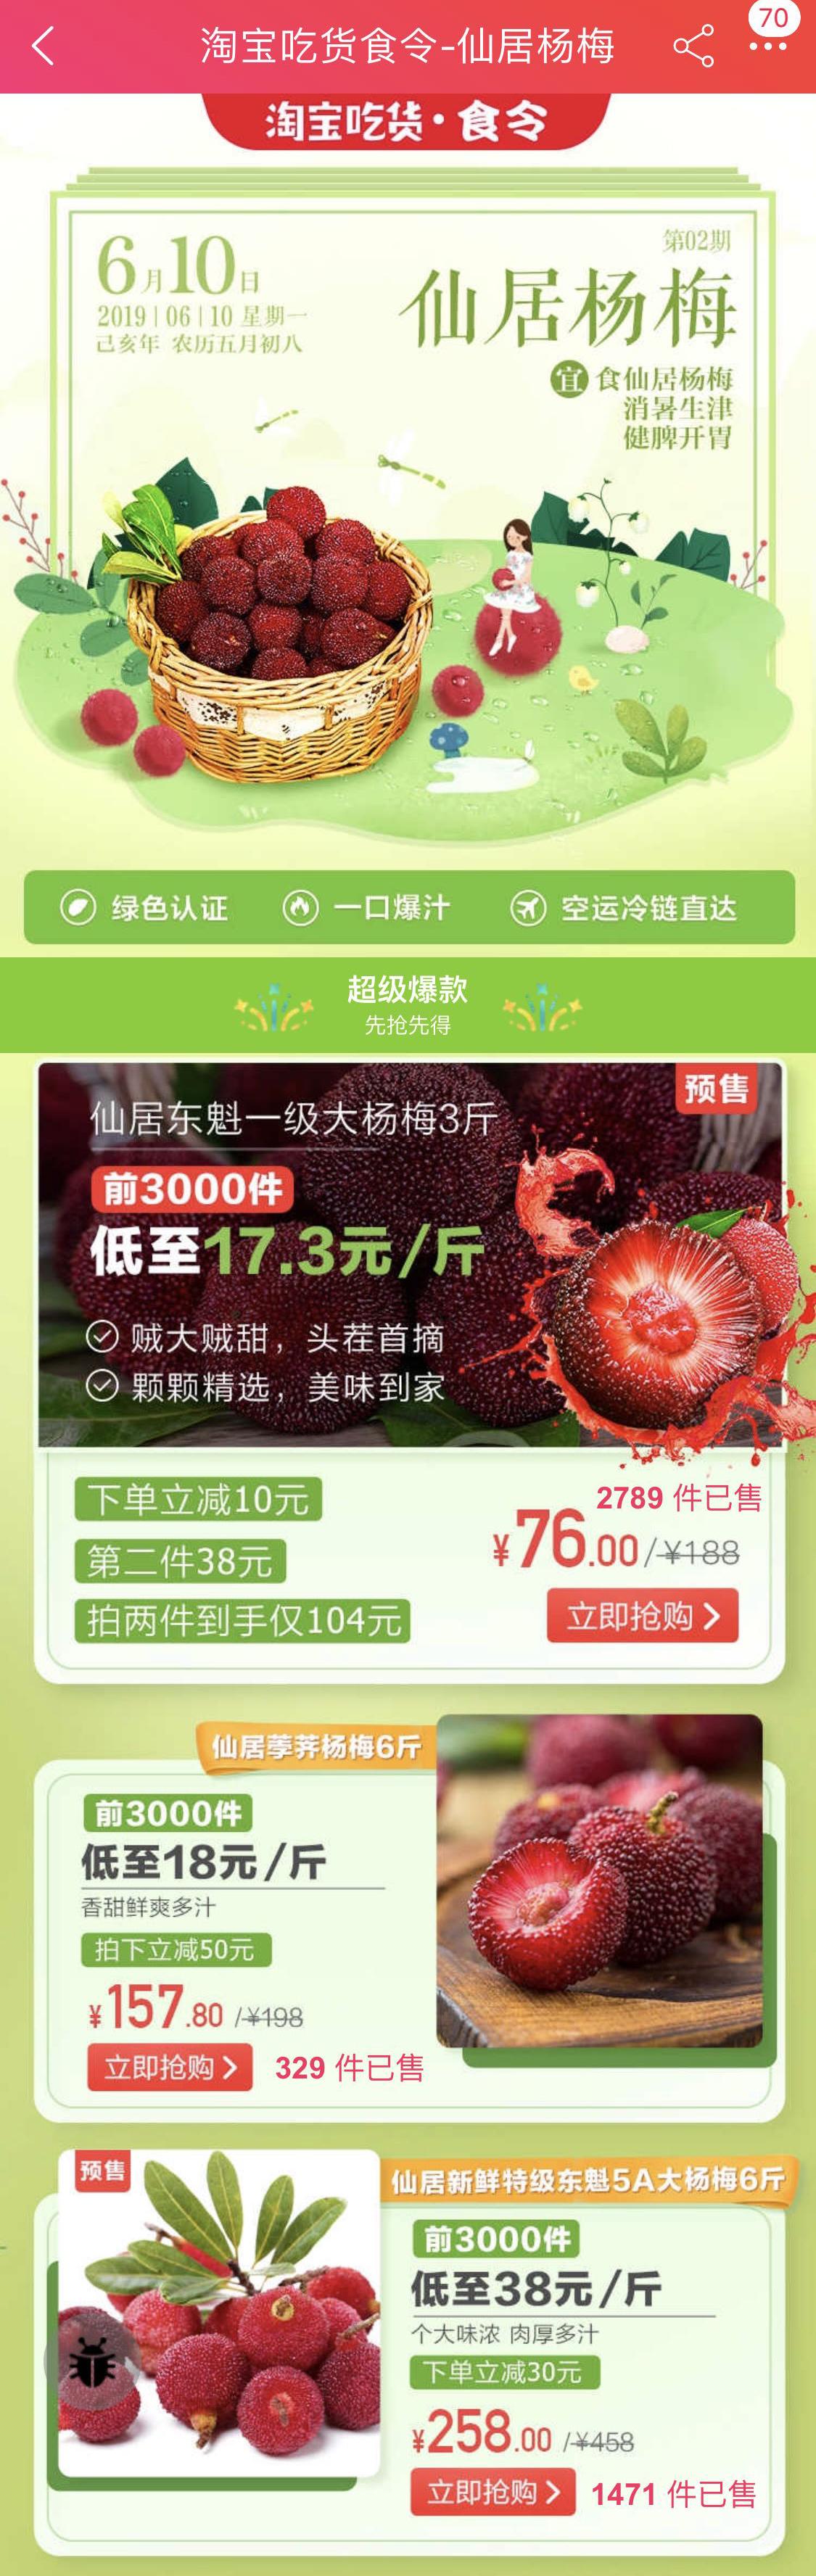 天猫618杨梅好吃不贵遭疯抢:1小时卖出去年全天的量!